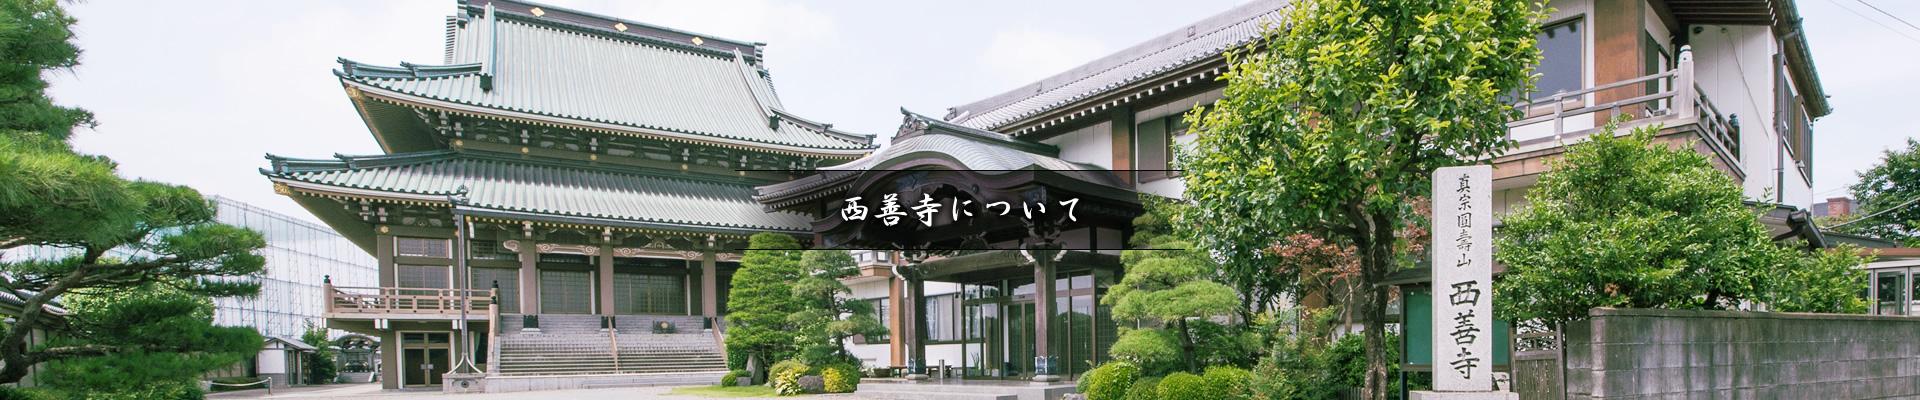 西善寺について